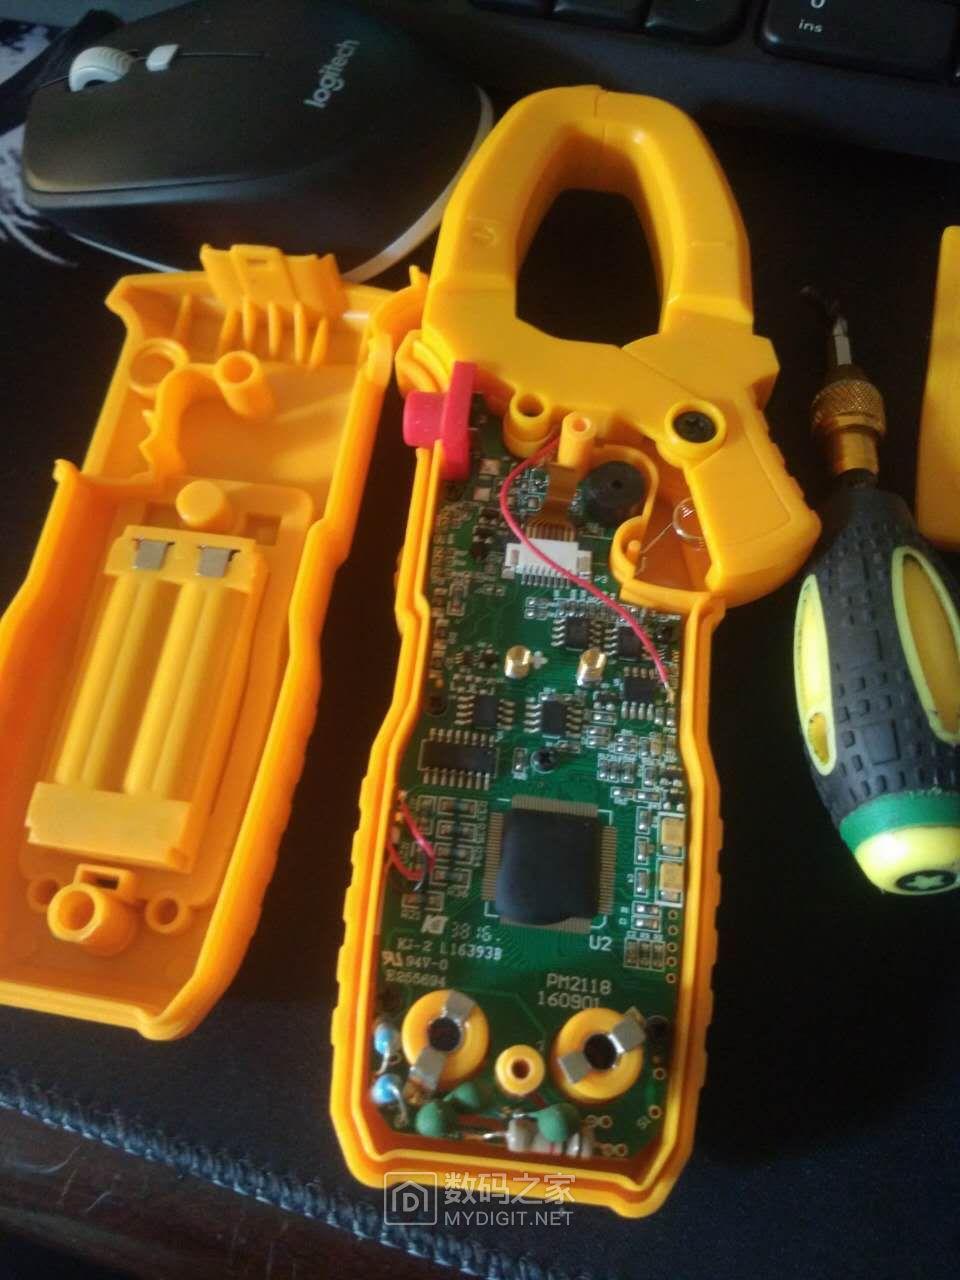 上下各一螺丝中间电池仓螺丝可以不卸